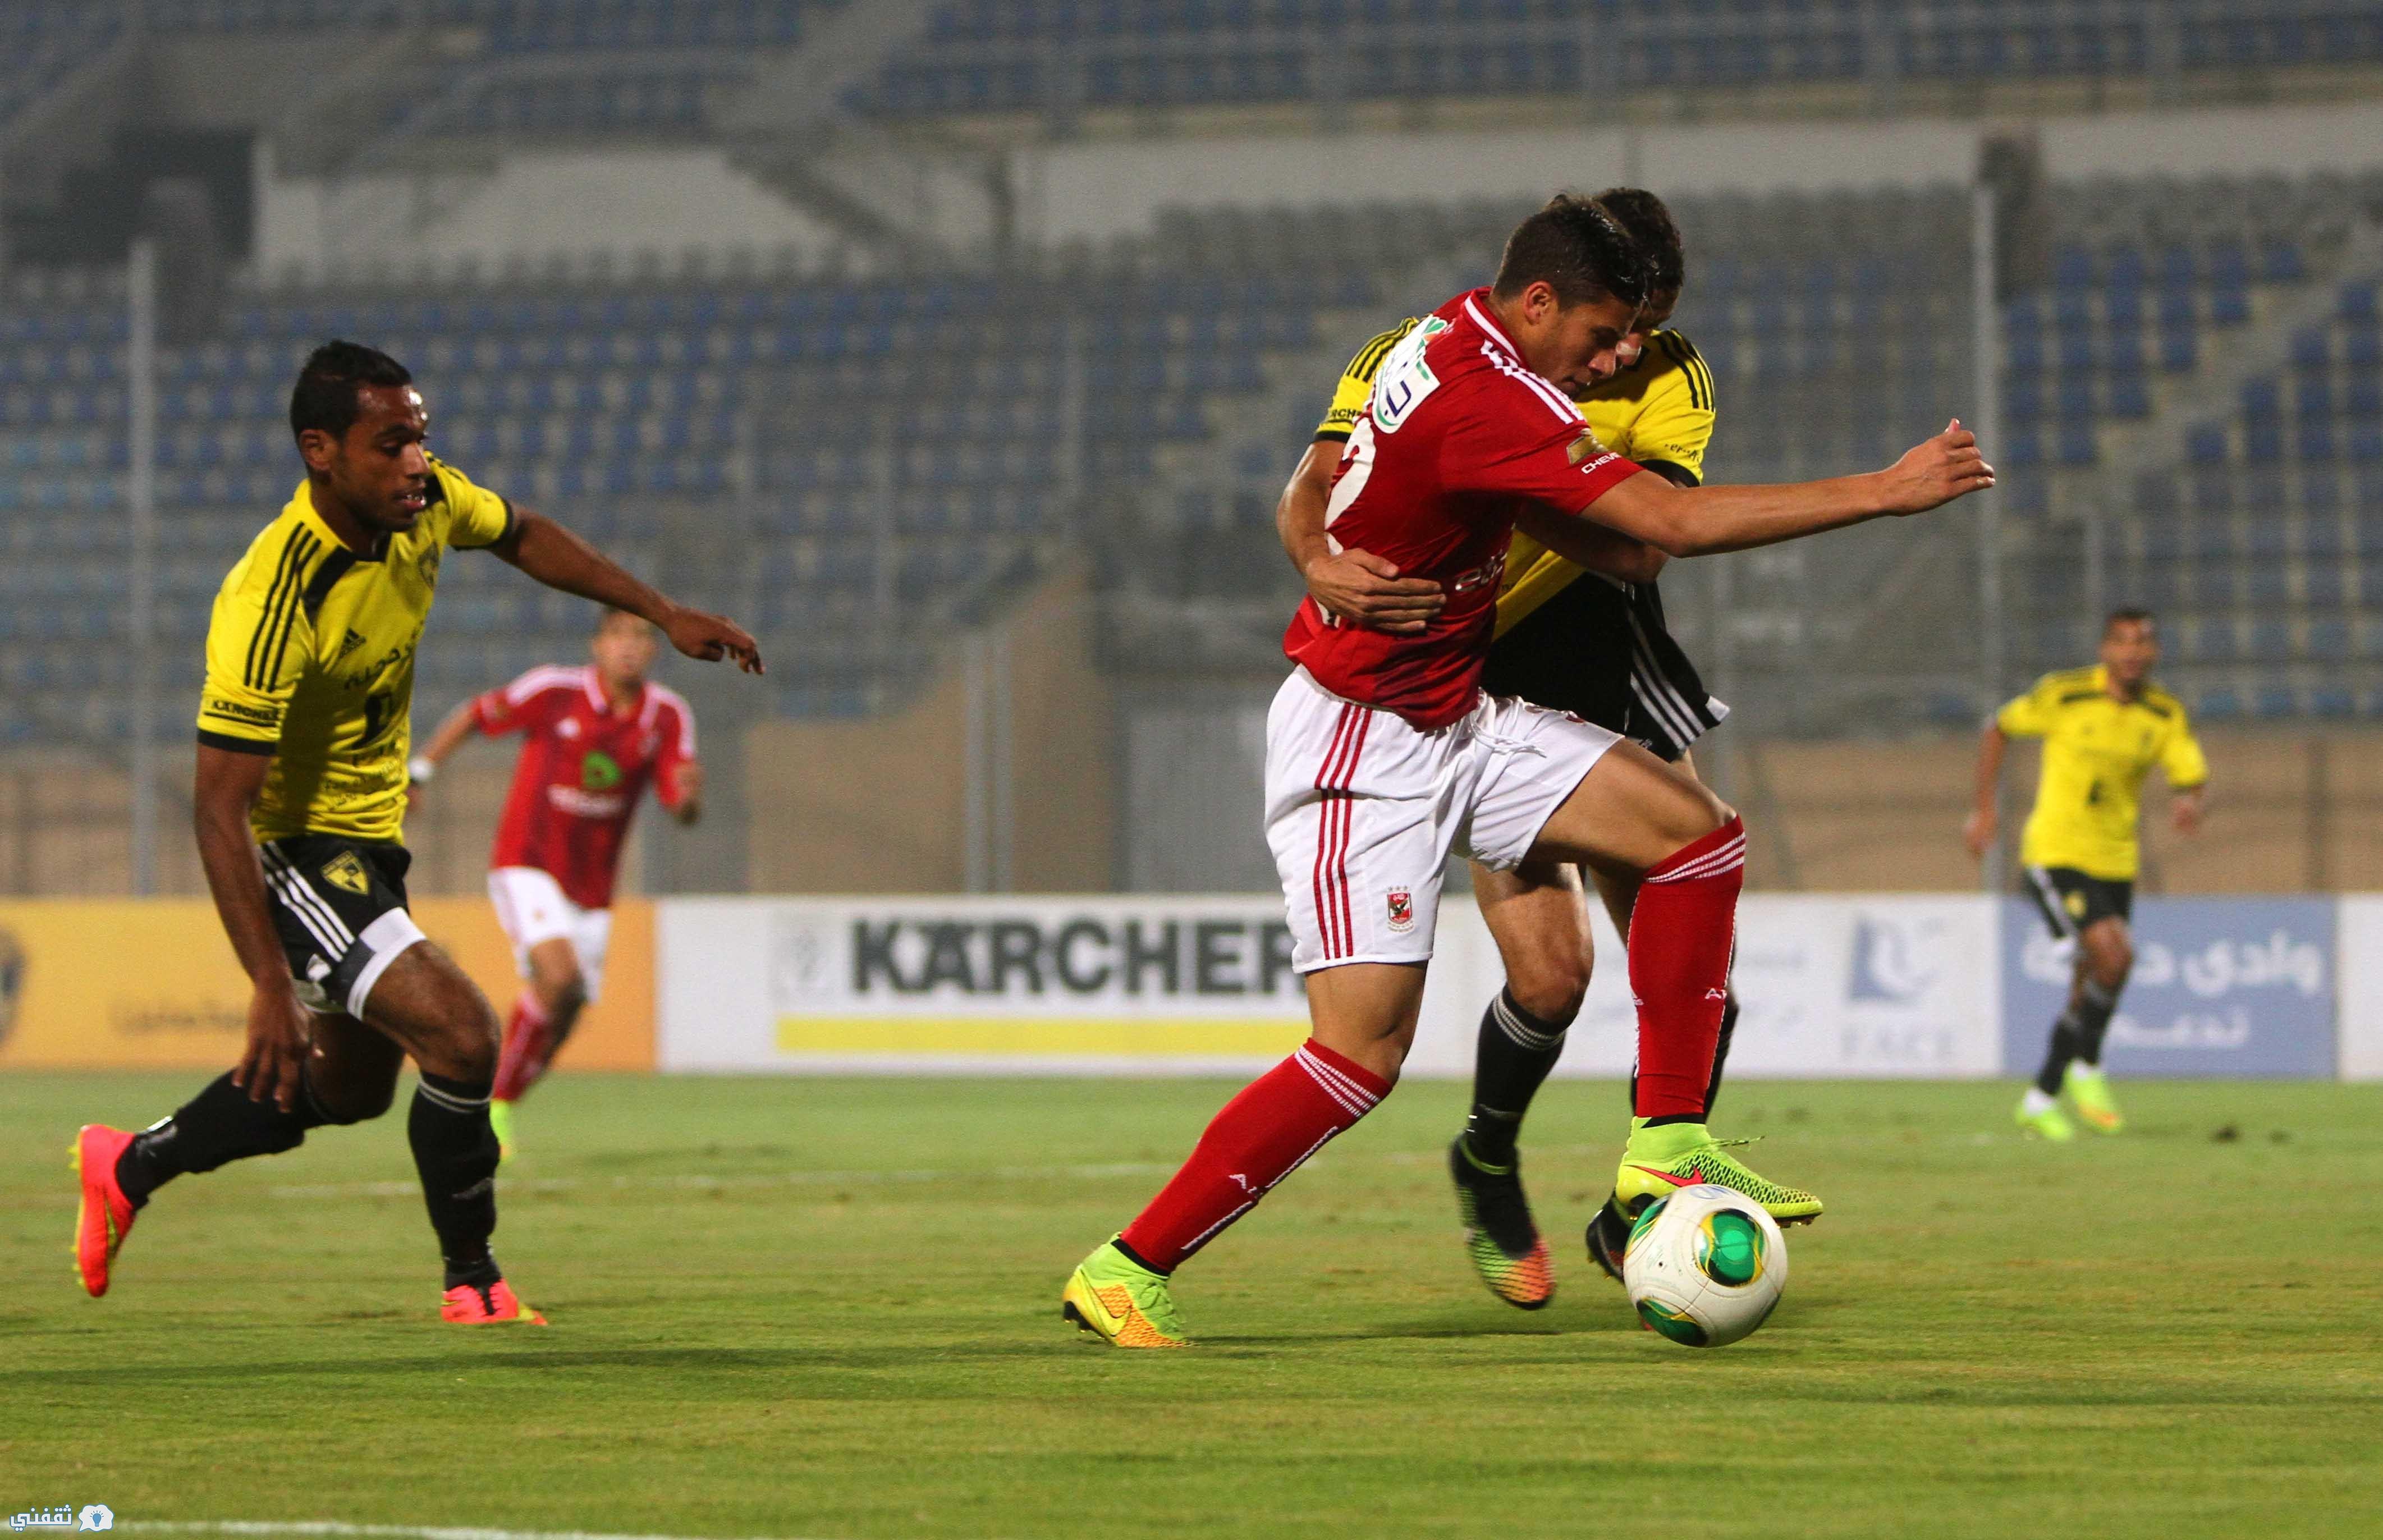 القنوات الناقلة لمباراة الأهلي ووادي دجلة بالجولة الـ 20 في الدوري المصري الممتاز